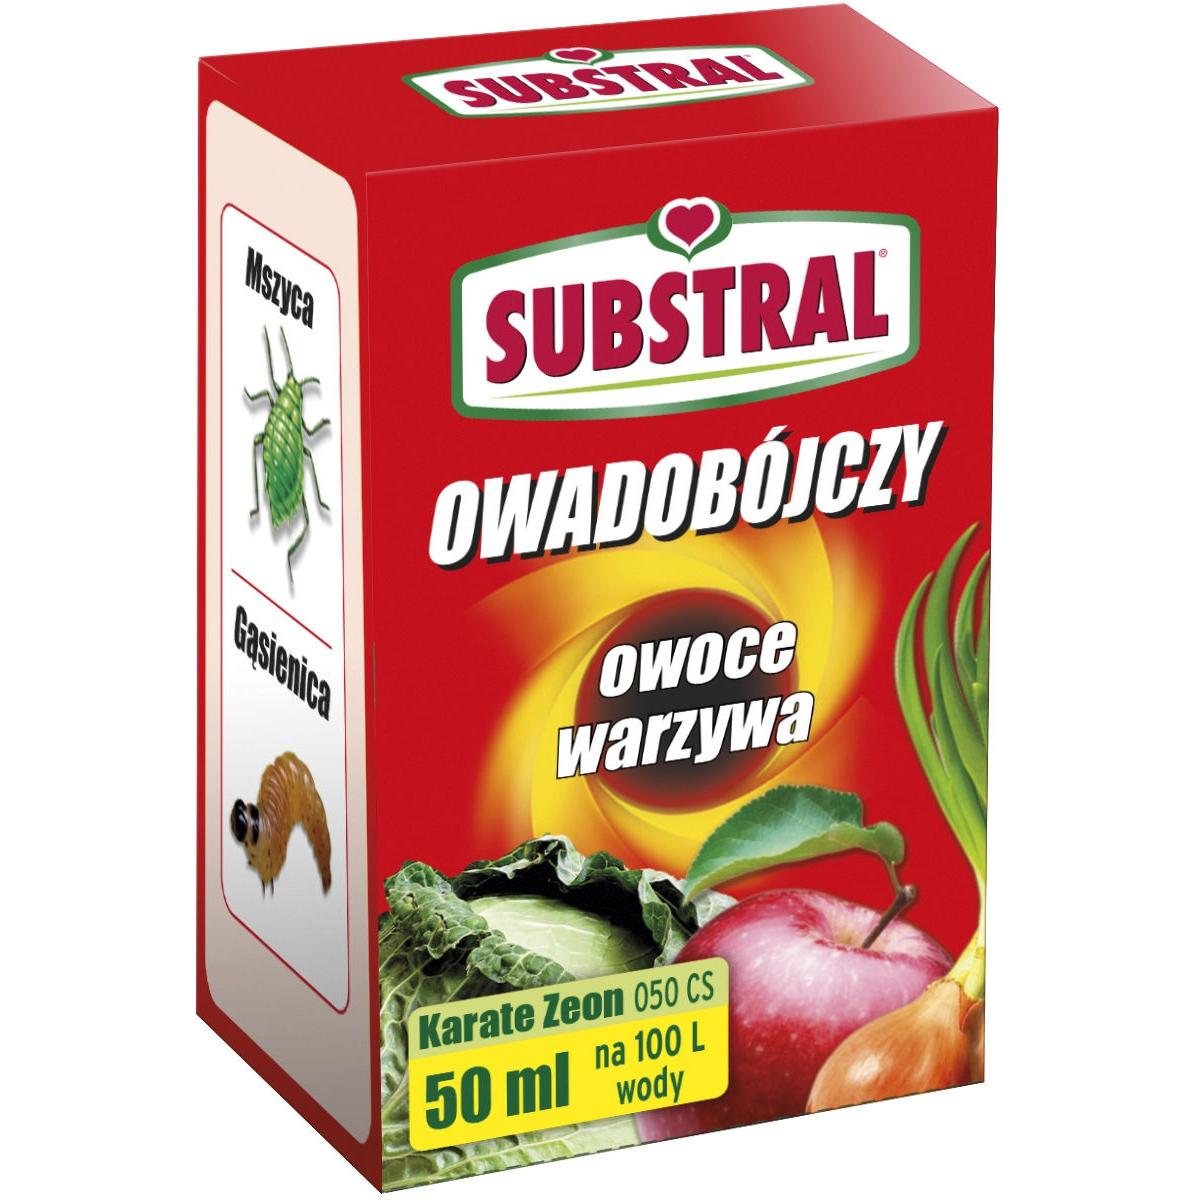 Substral środek owadobójczy